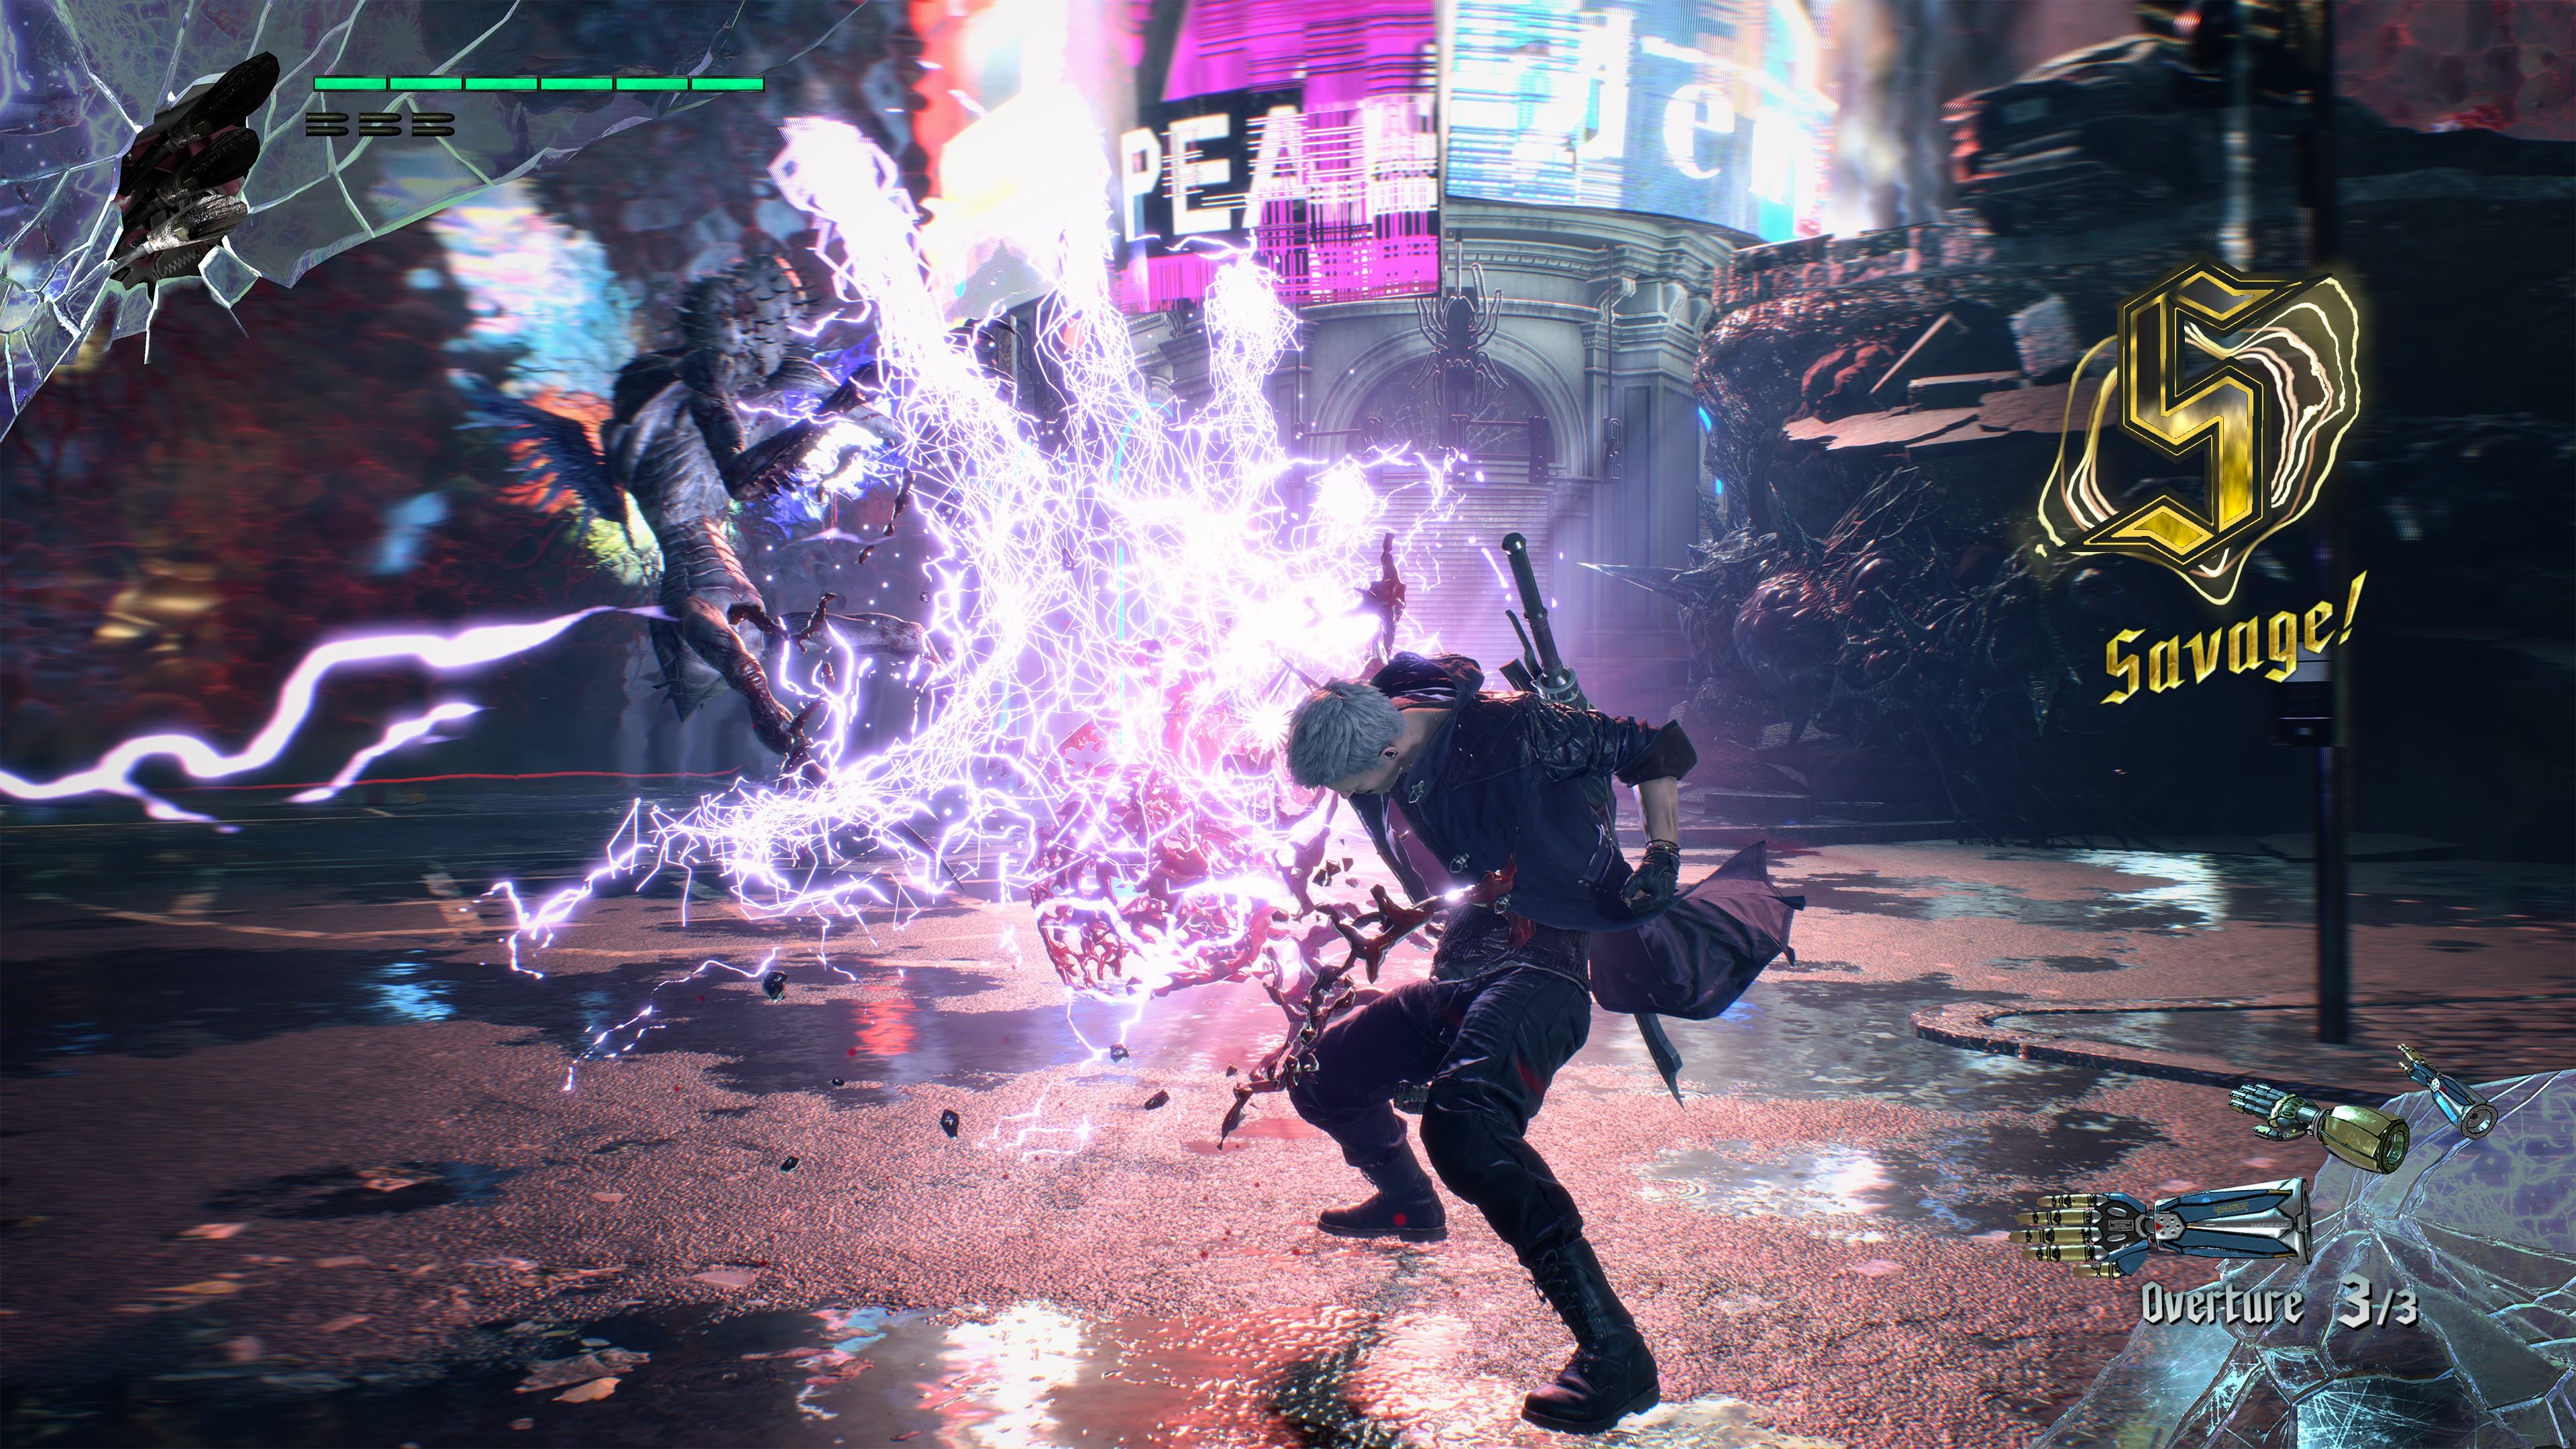 Nero génère un arc électrique vers des ennemis